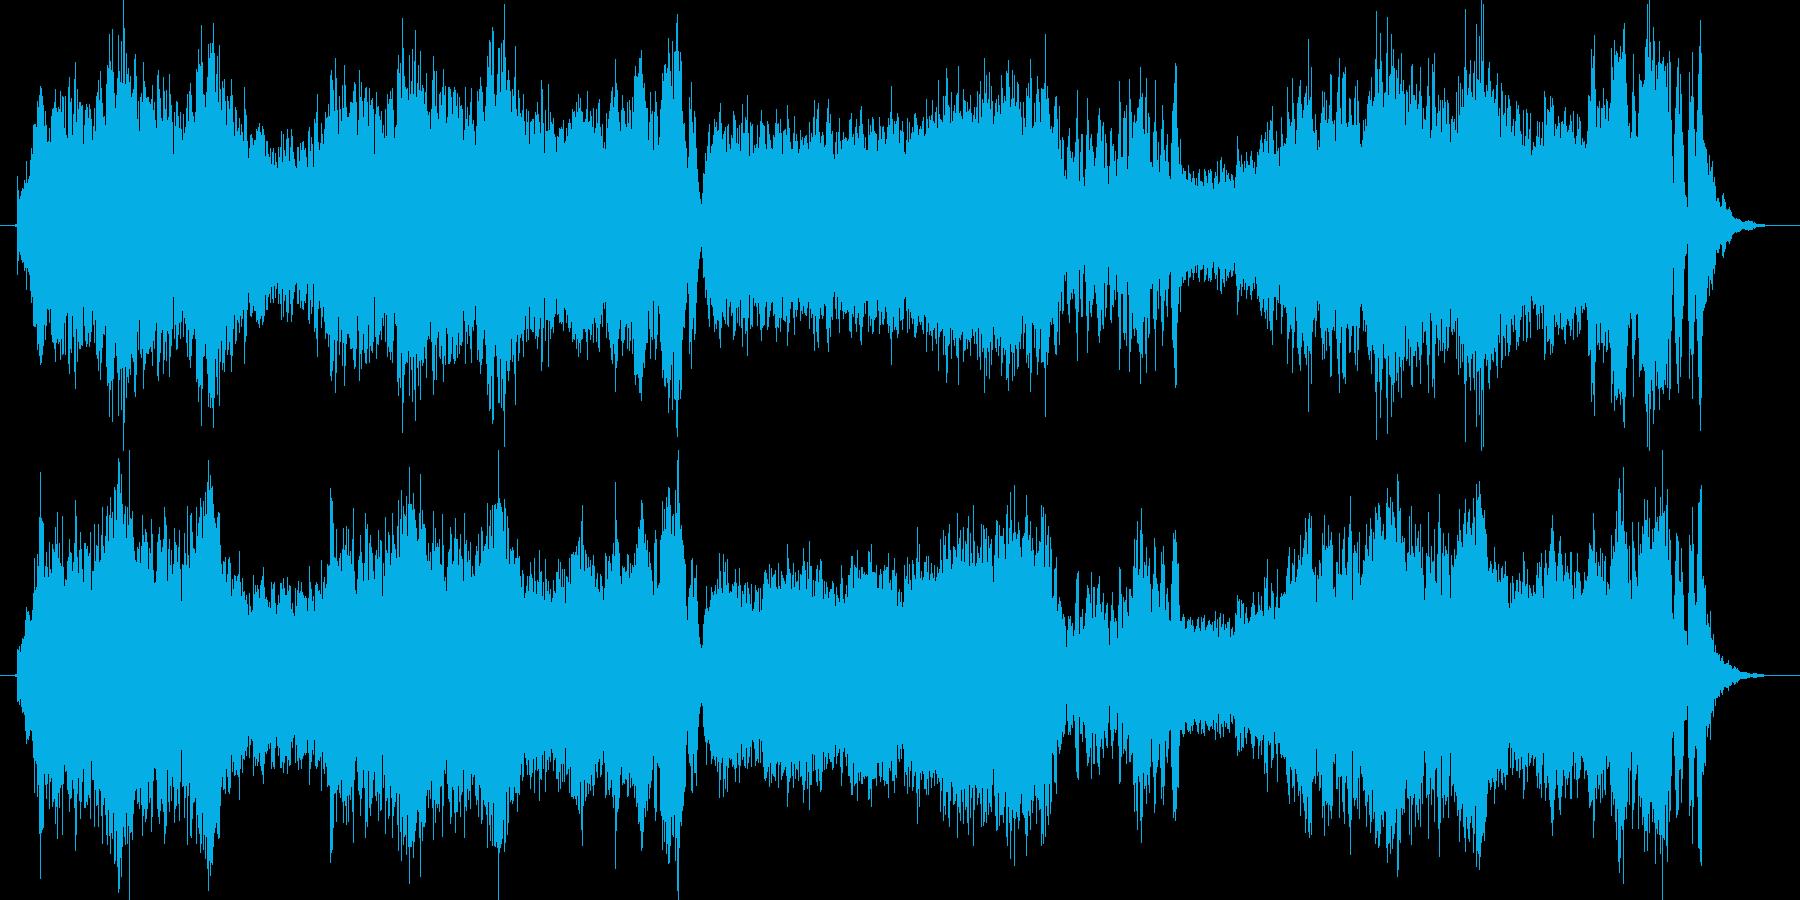 華やかなオーケストラ、ファンファーレの再生済みの波形